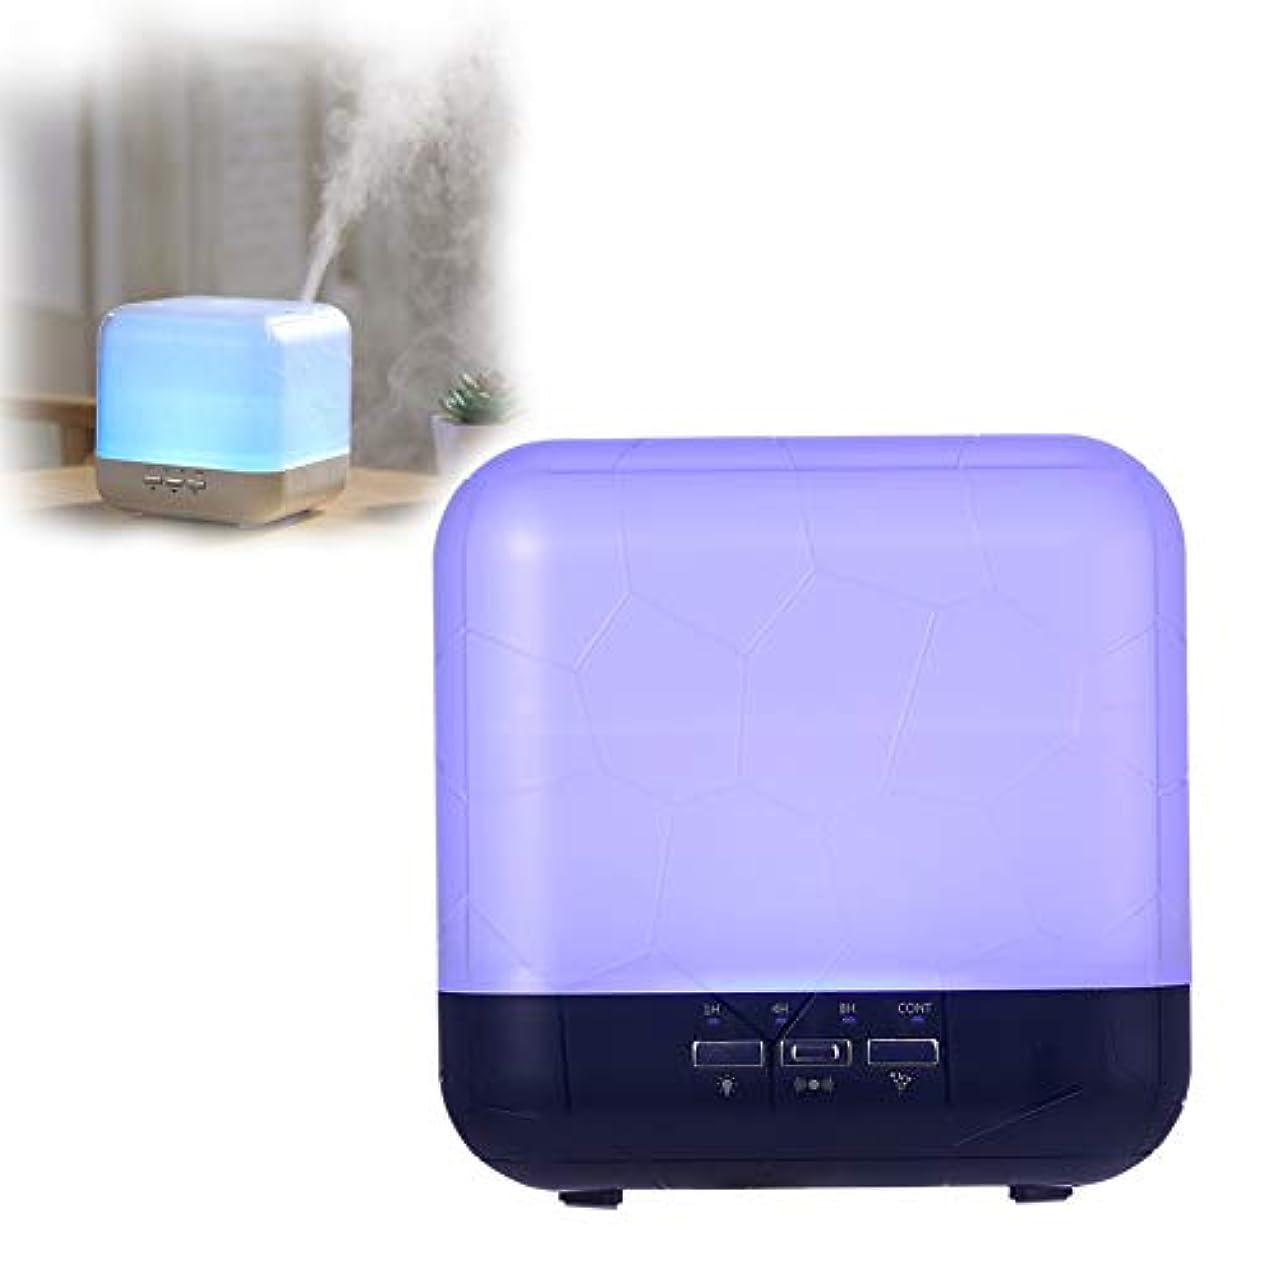 服アパルコールエッセンシャルオイルディフューザー、1000mlアロマテラピーアロマディフューザー、寝室用アクセサリーのための7色LEDナイトライト、4種類のタイマークールミスト加湿器,Black